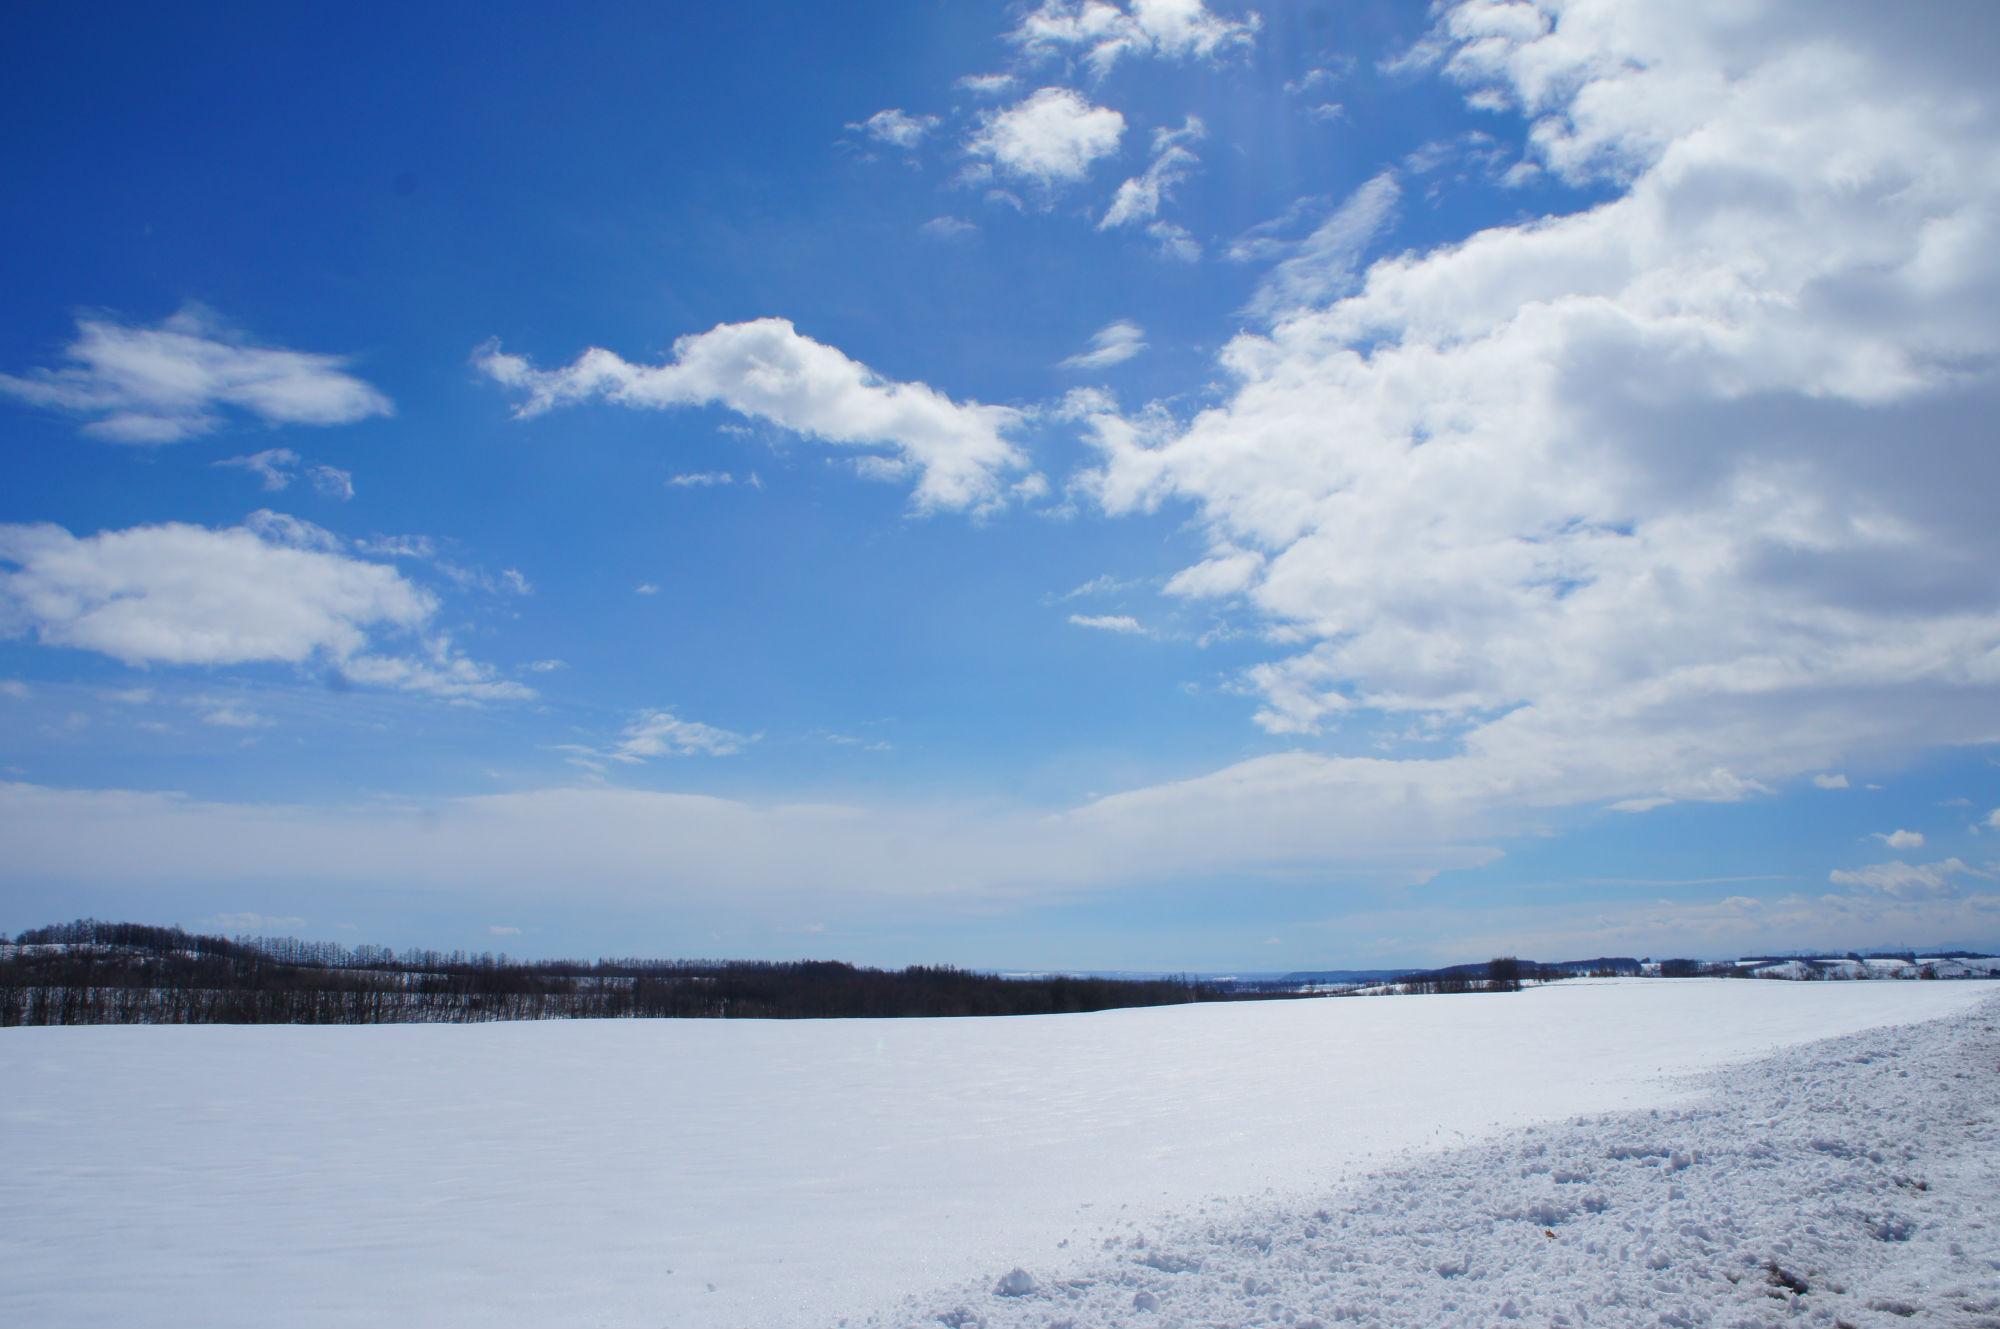 雪に覆われた畑